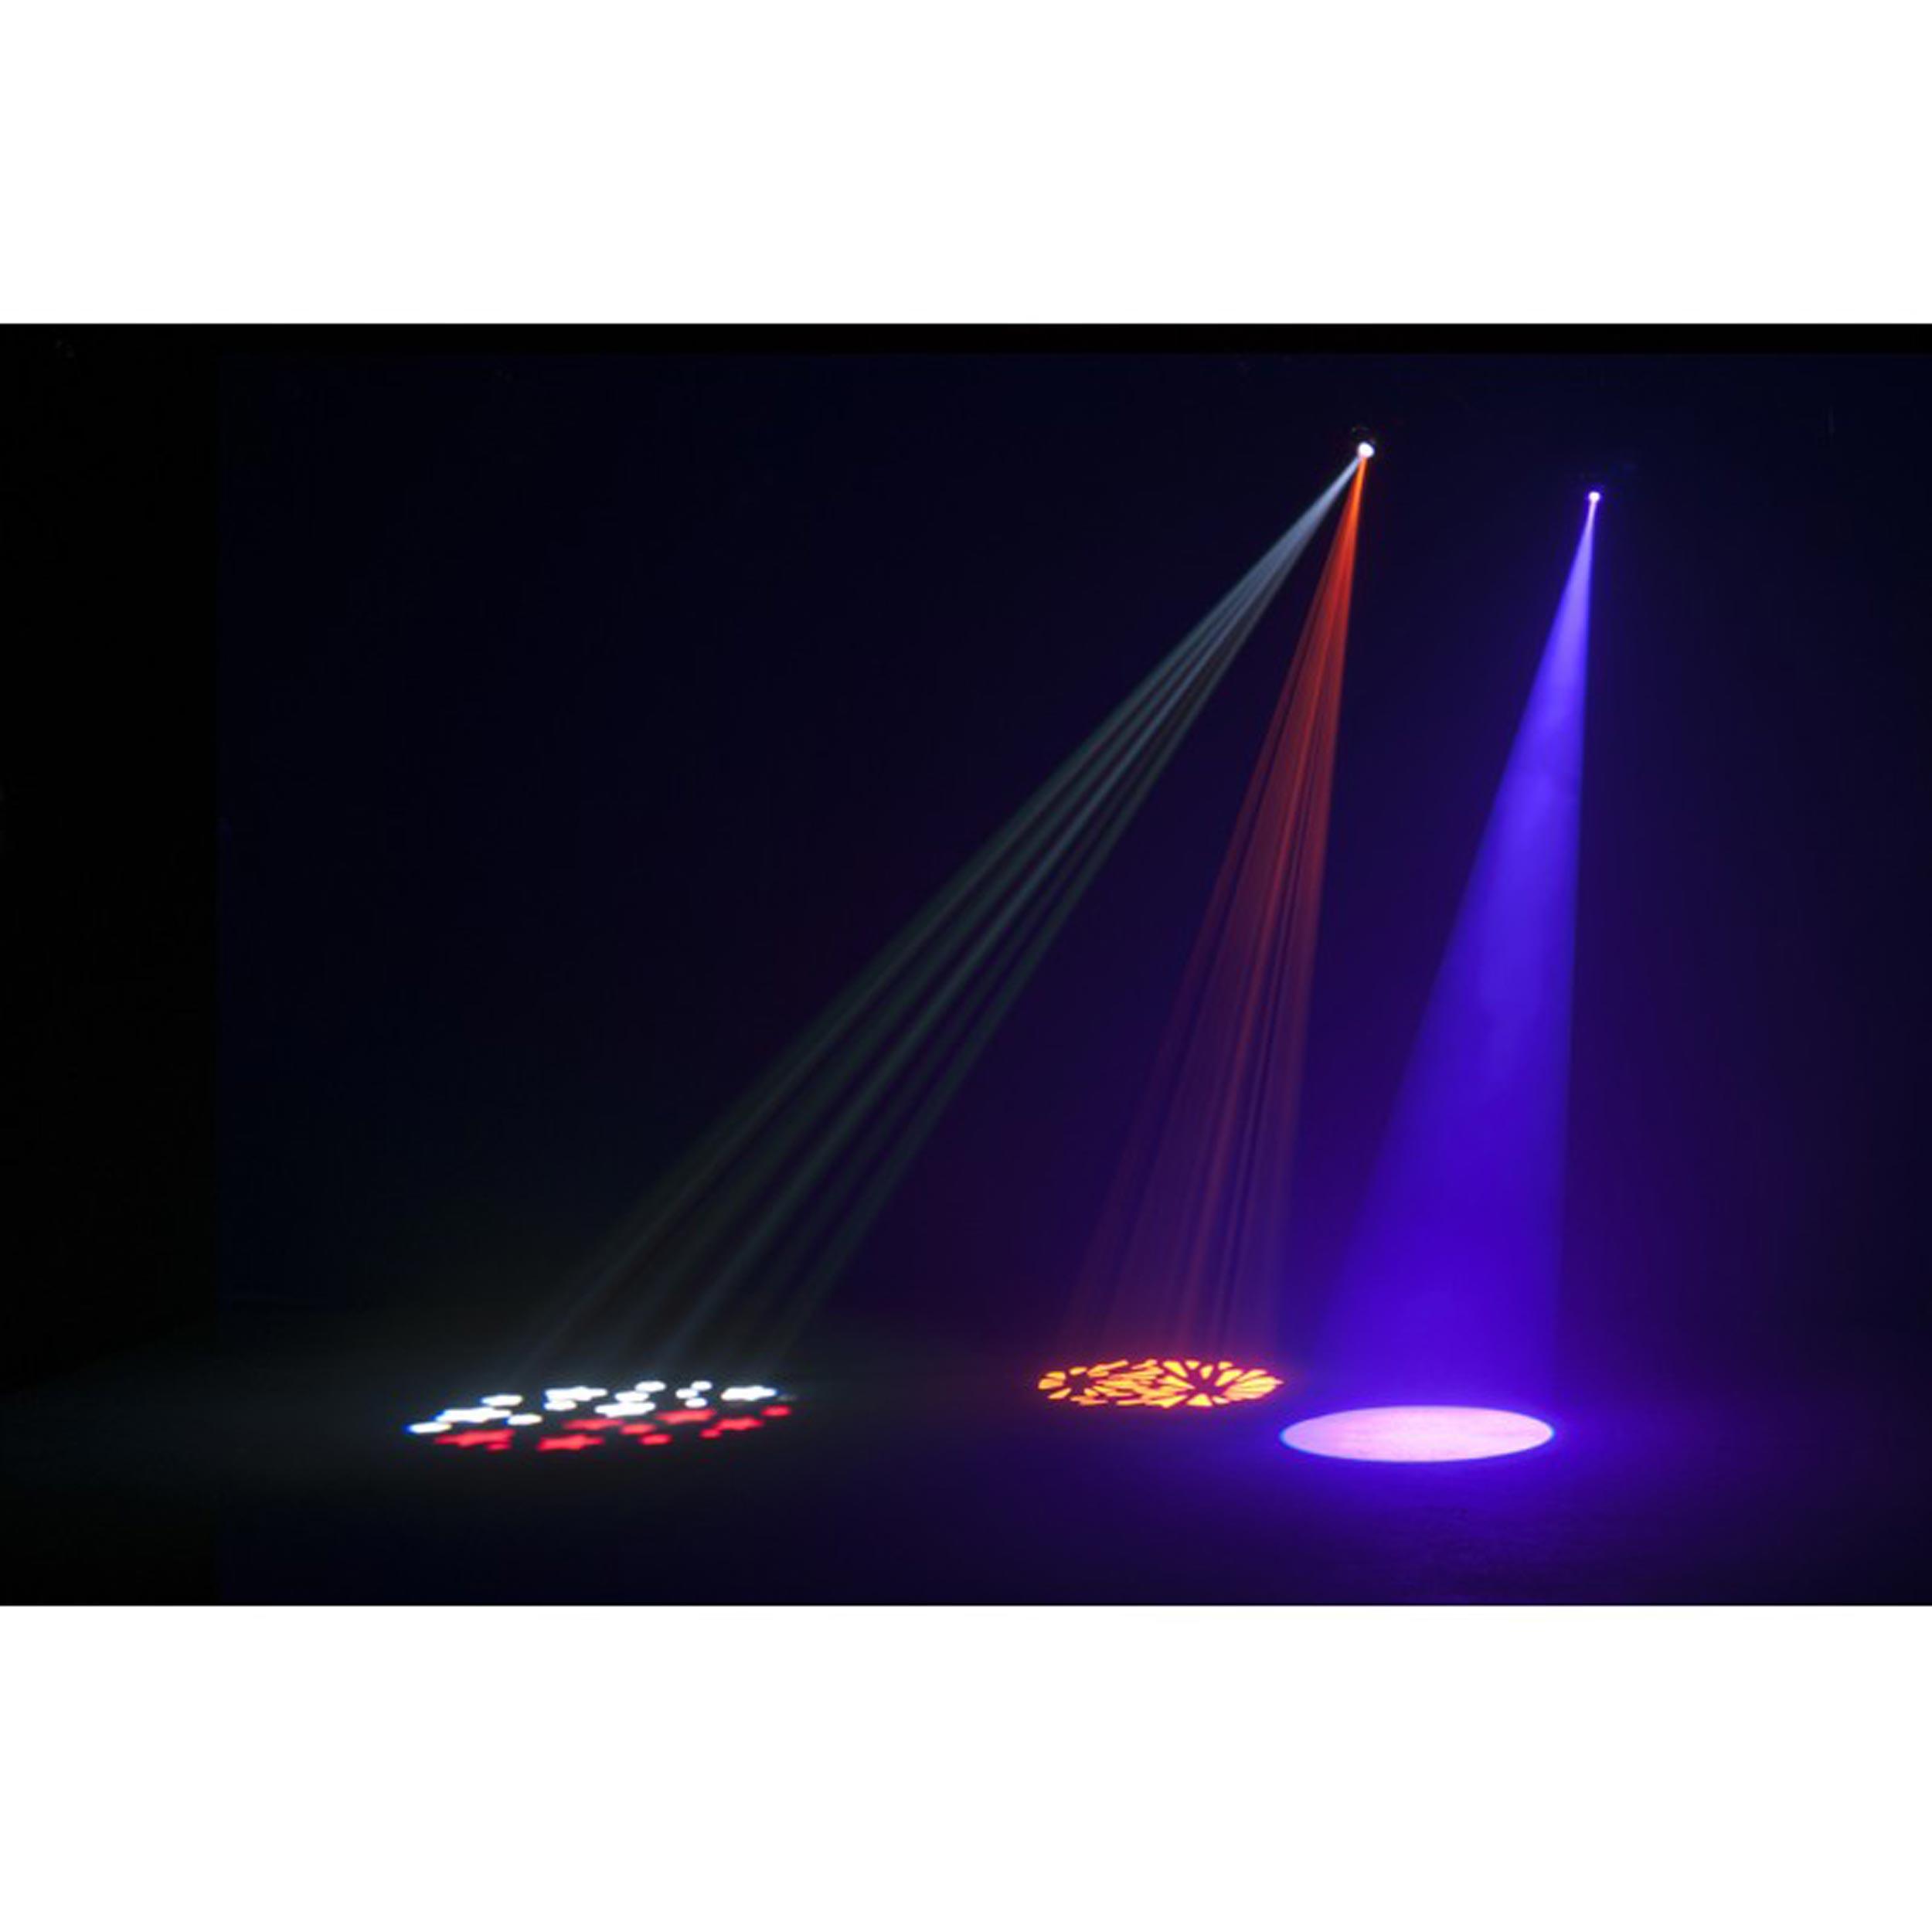 stinger moonflower uv ii flood laser led hex in fx effect green strobe reg american lighting dj light adj